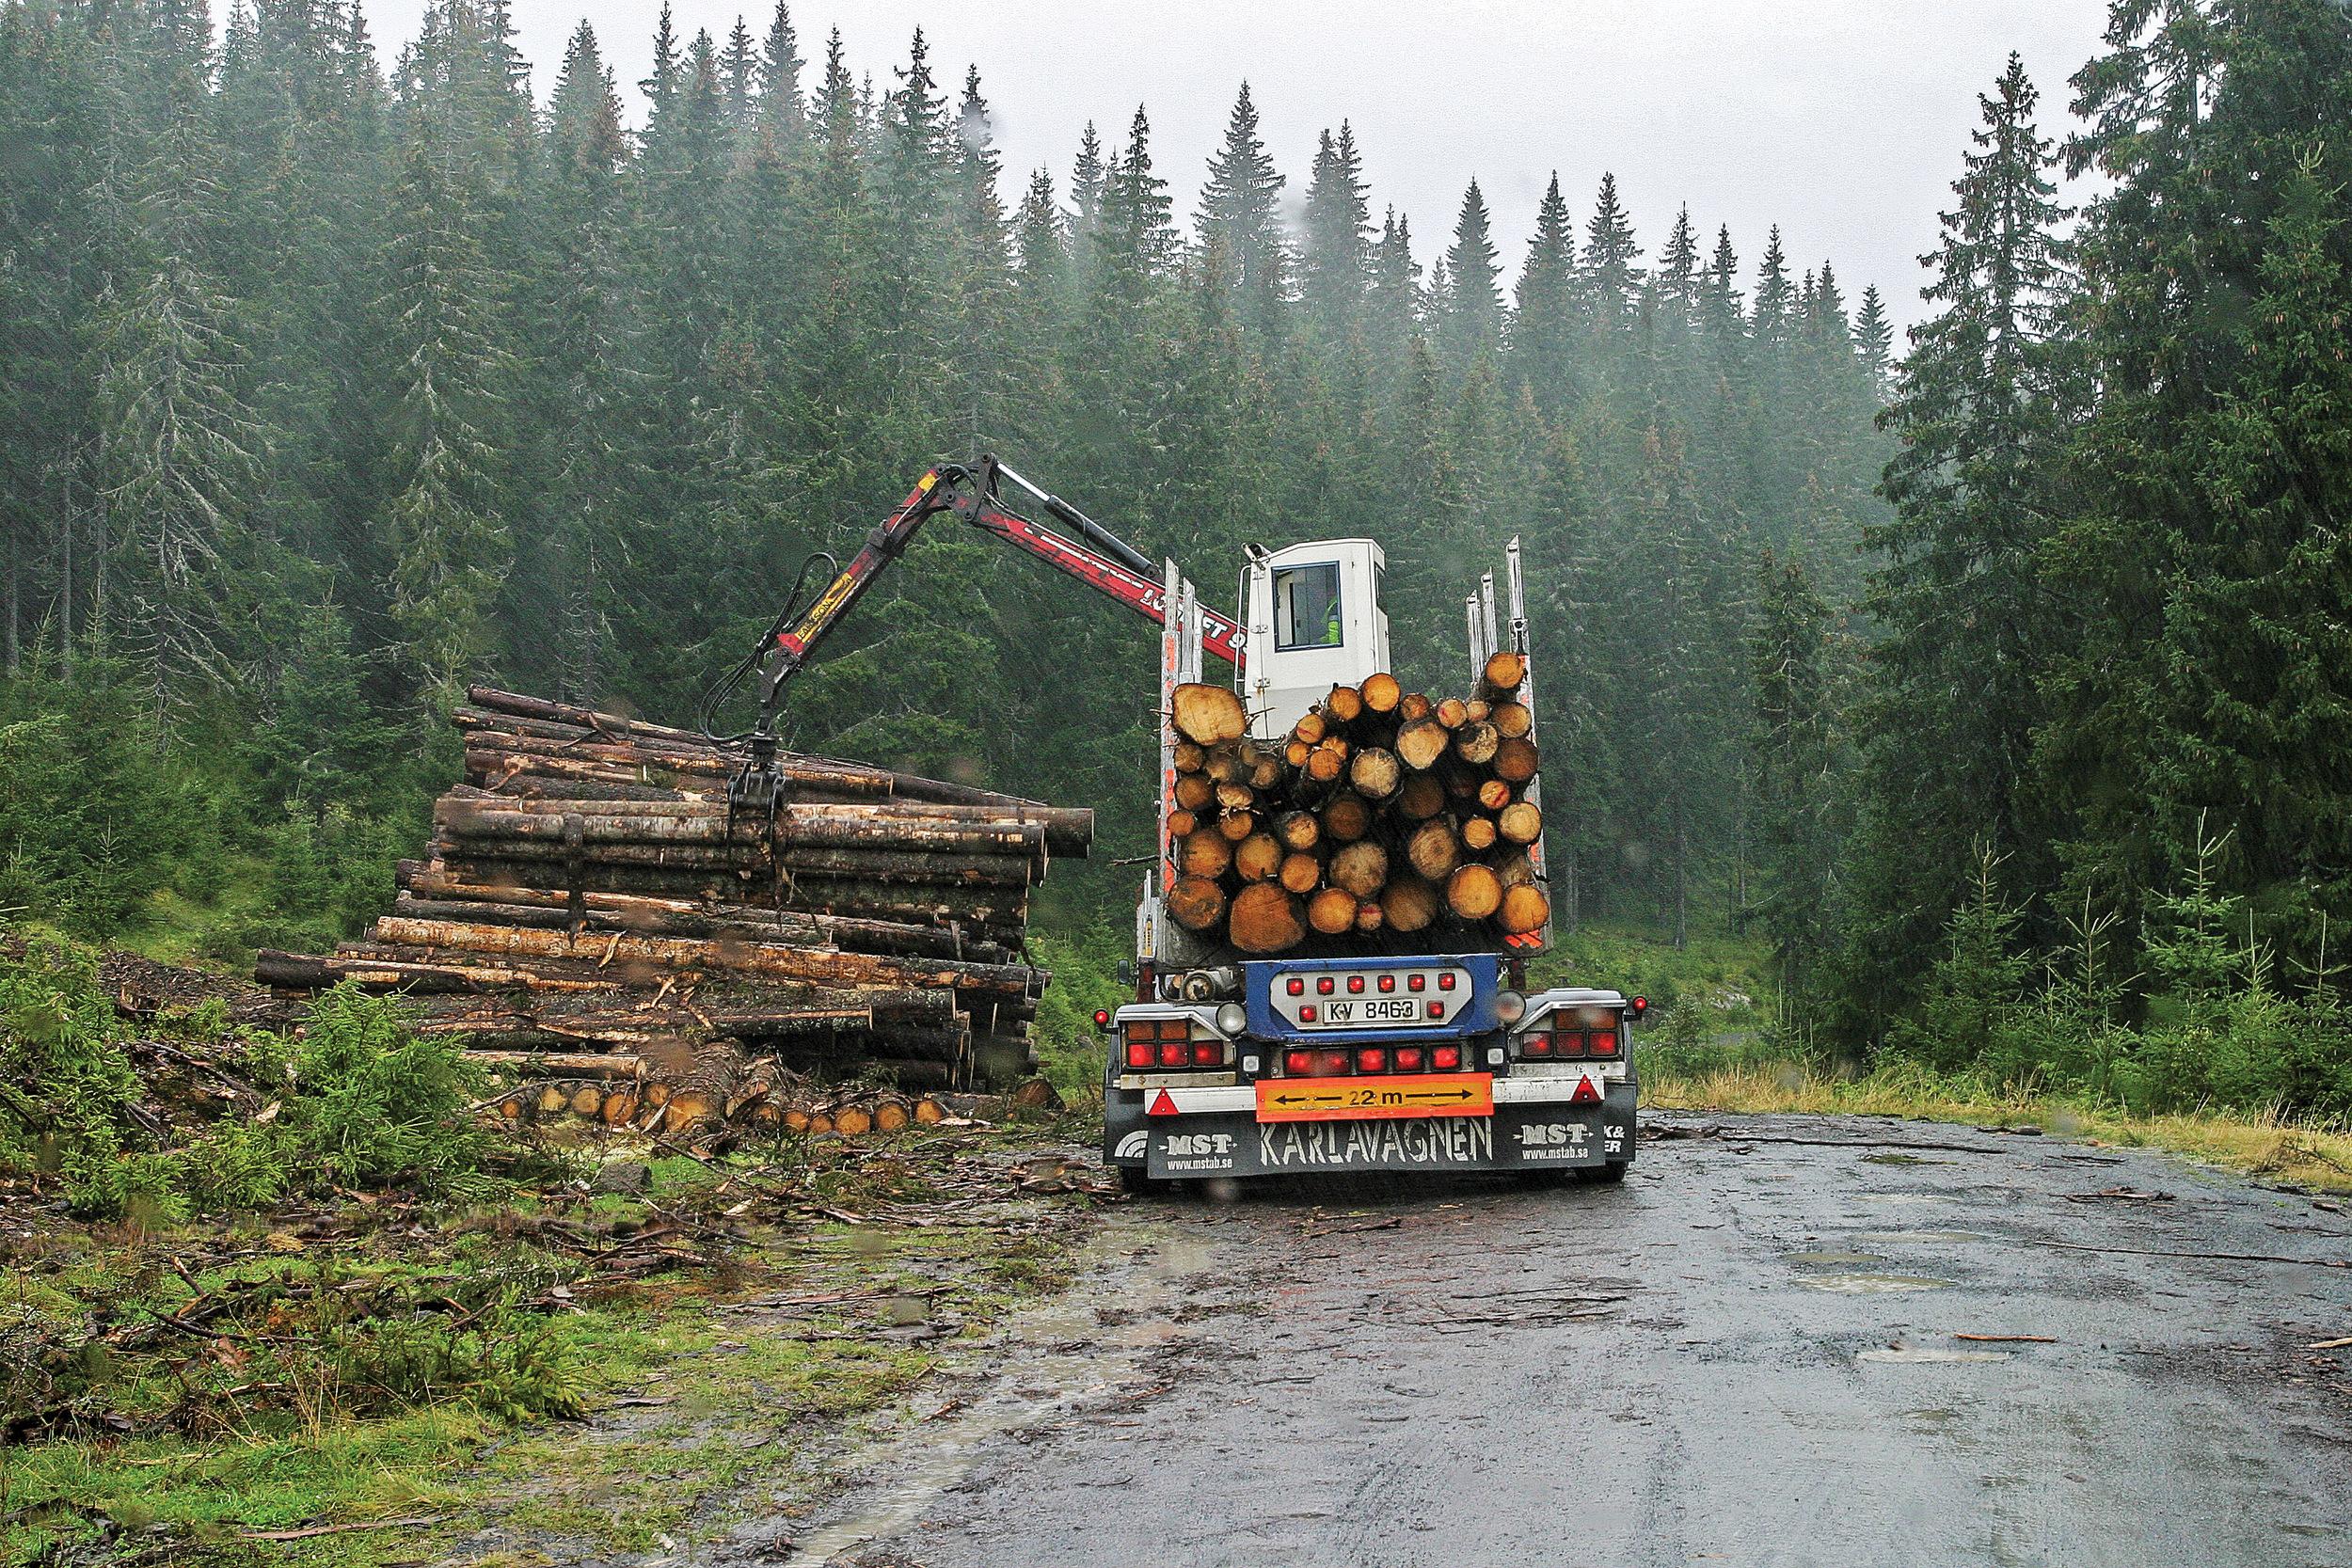 Utbygging av skogsvegnettet som muliggjorde tømmertransport på bil i stedet for fløting på elv, bidro til at sysselsettingen i skogbruket gikk ned. Mylla, Oppland. Foto: John Yngvar Larsson, NIBIO